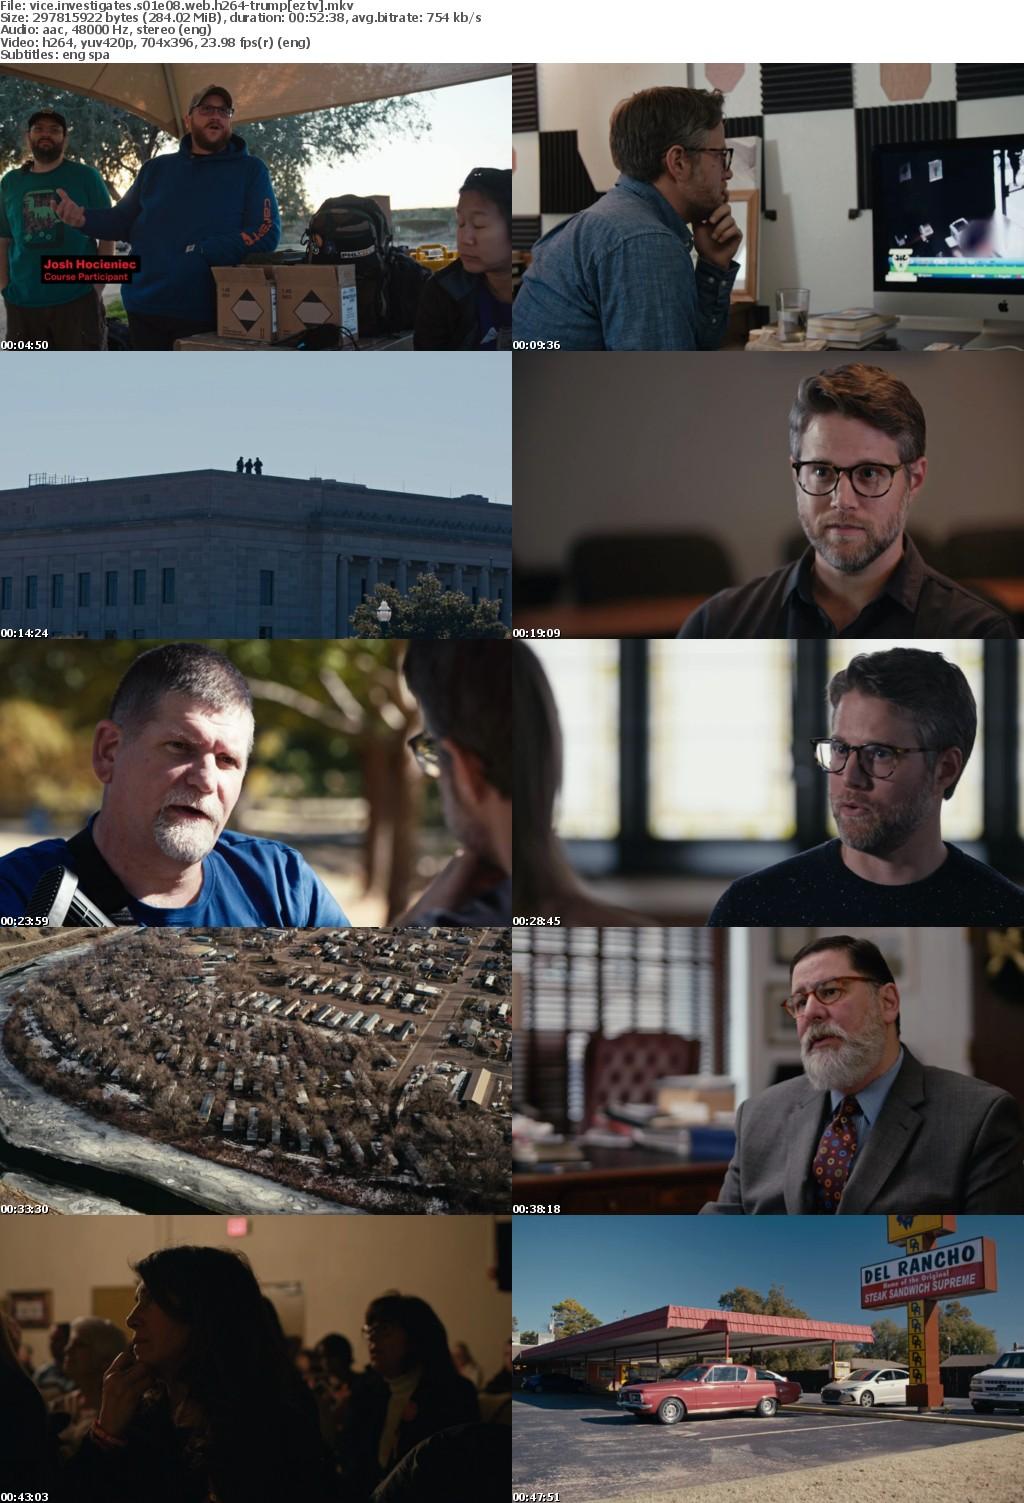 Vice Investigates S01E08 WEB h264-TRUMP